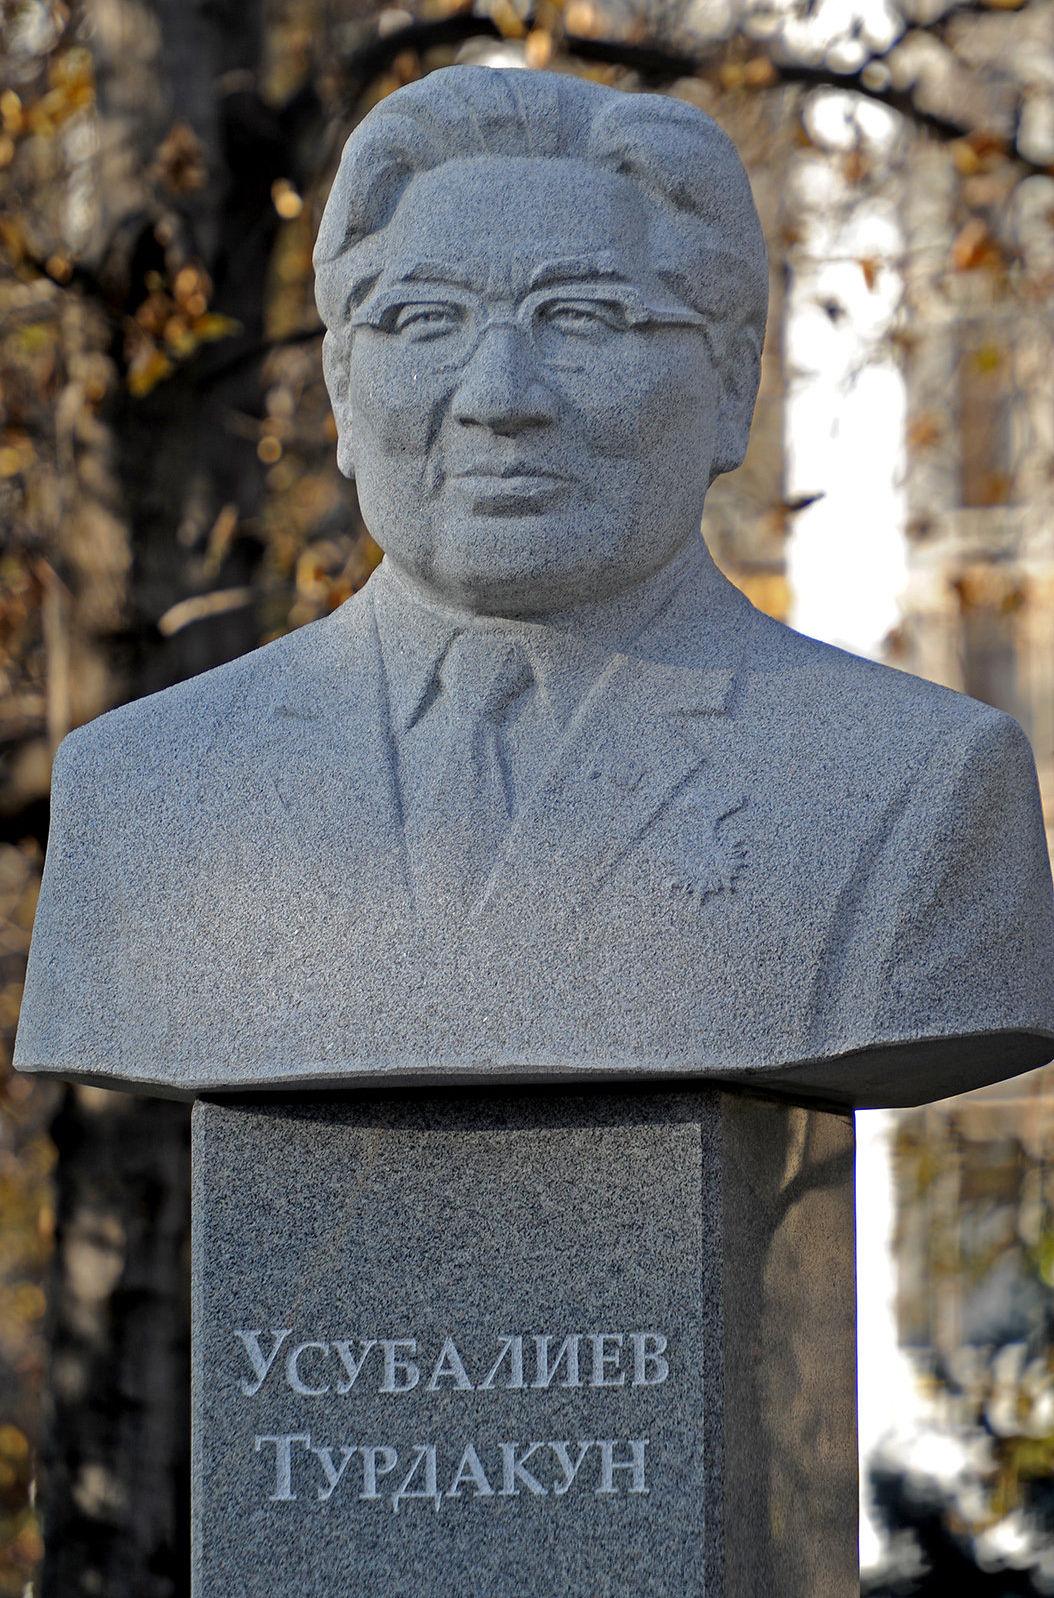 Церемония открытия бюста Героя КР, видного политического и государственного деятеля Турдакуну Усубалиева в Аллее государственных деятелей в городе Бишкек